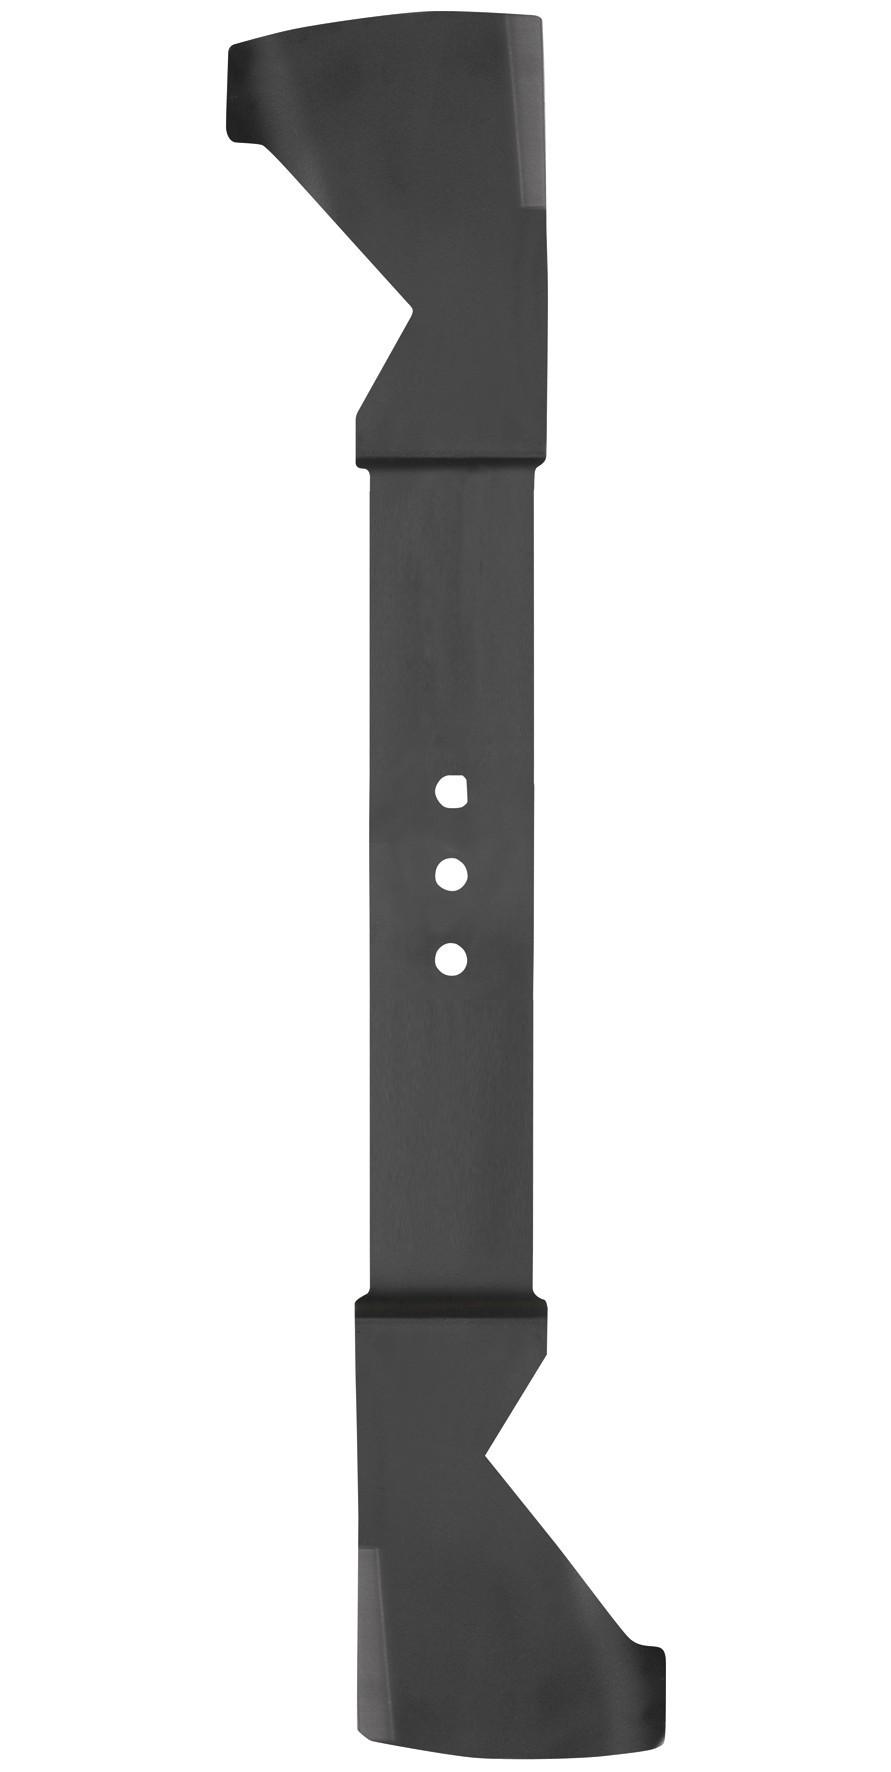 ersatzmesser f r einhell benzin rasenm her bg pm 46 p. Black Bedroom Furniture Sets. Home Design Ideas